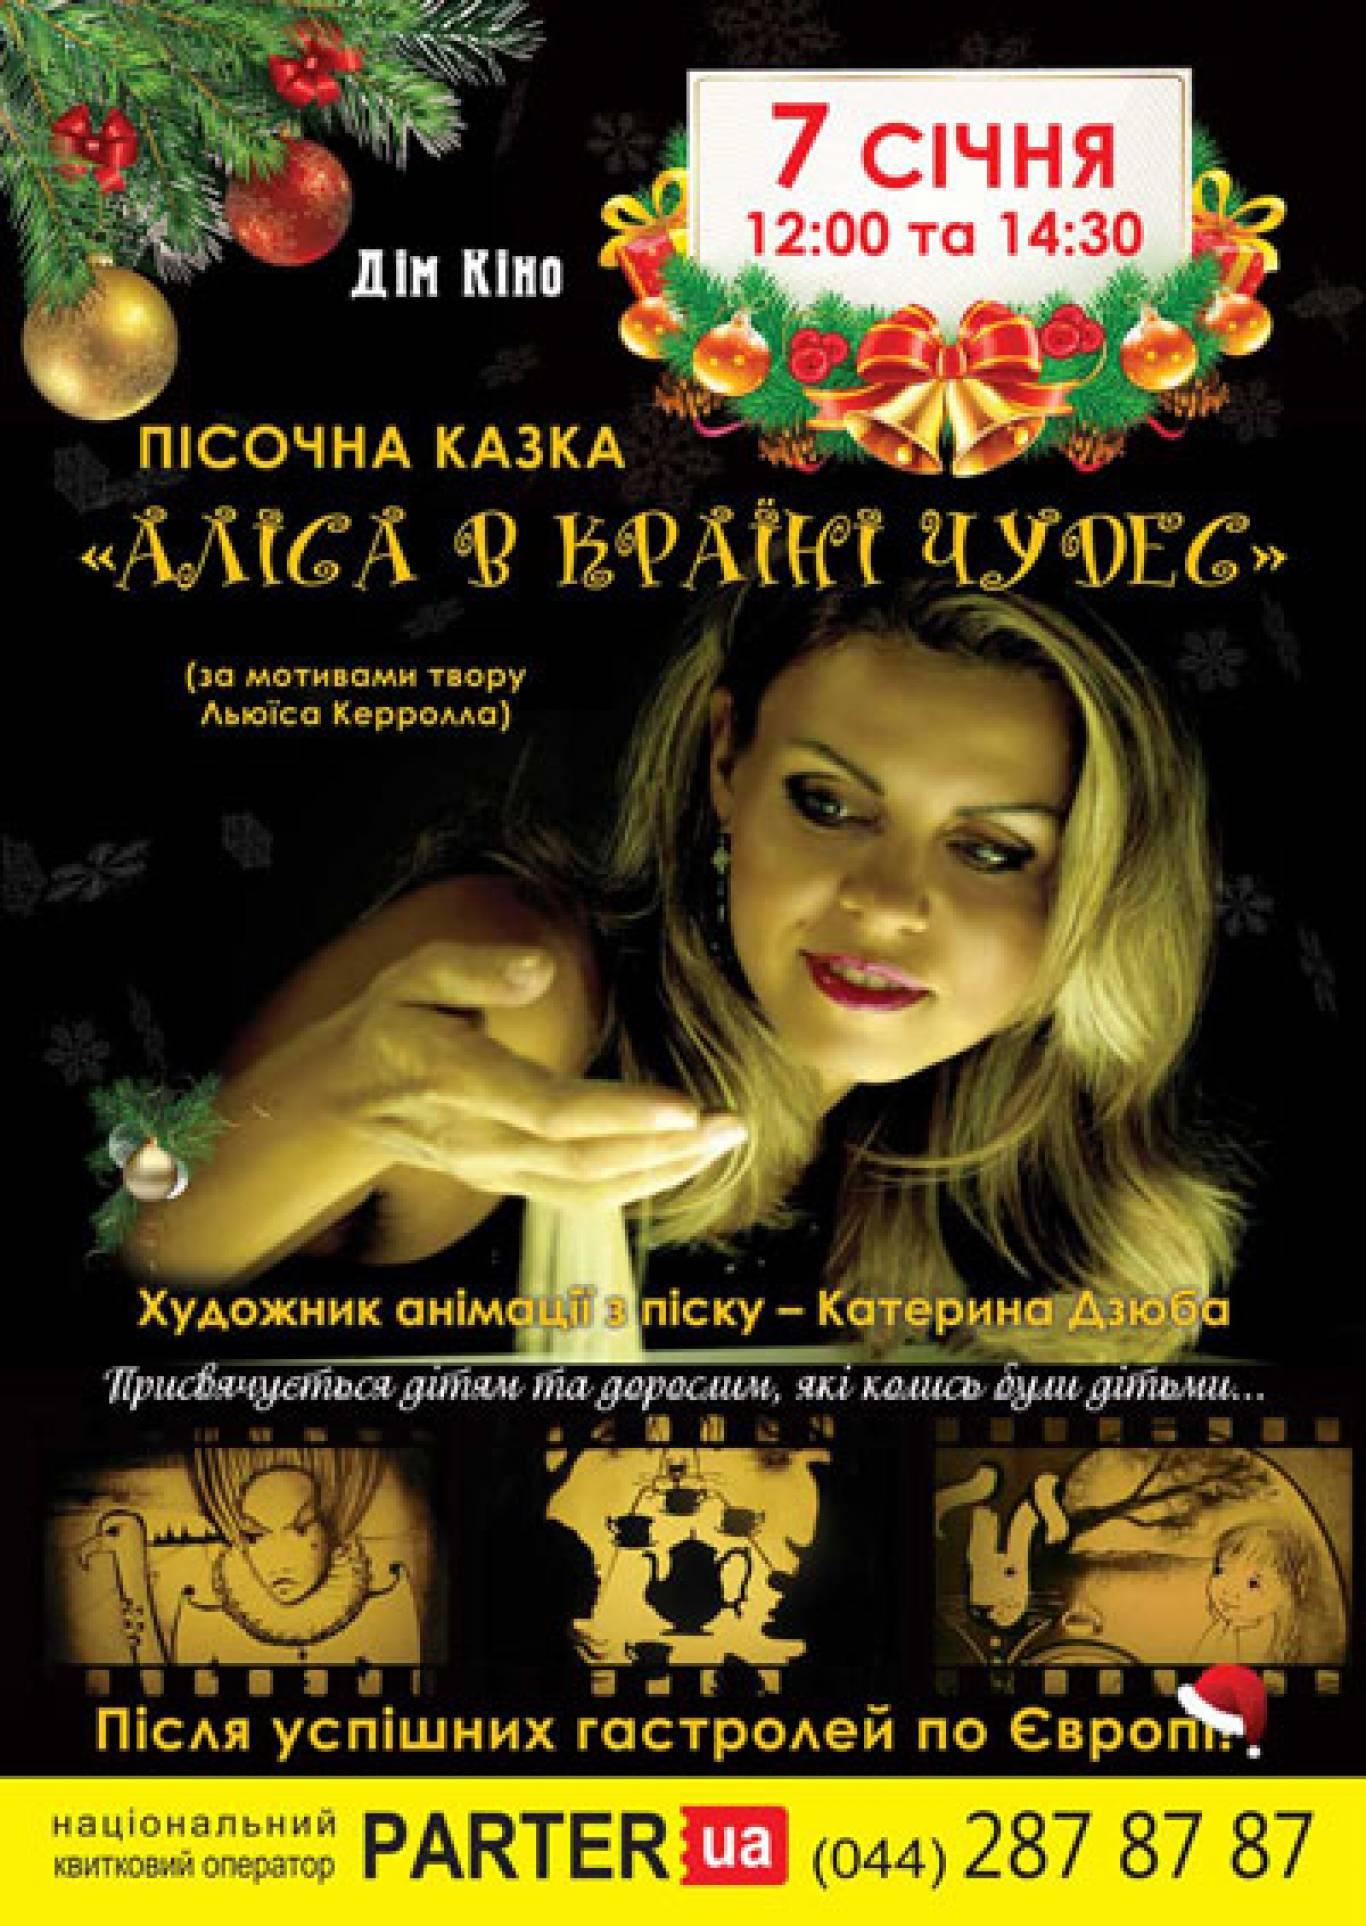 """Пісочна казка-вистава """"Аліса в країні чудес"""" в Будинку кіно"""